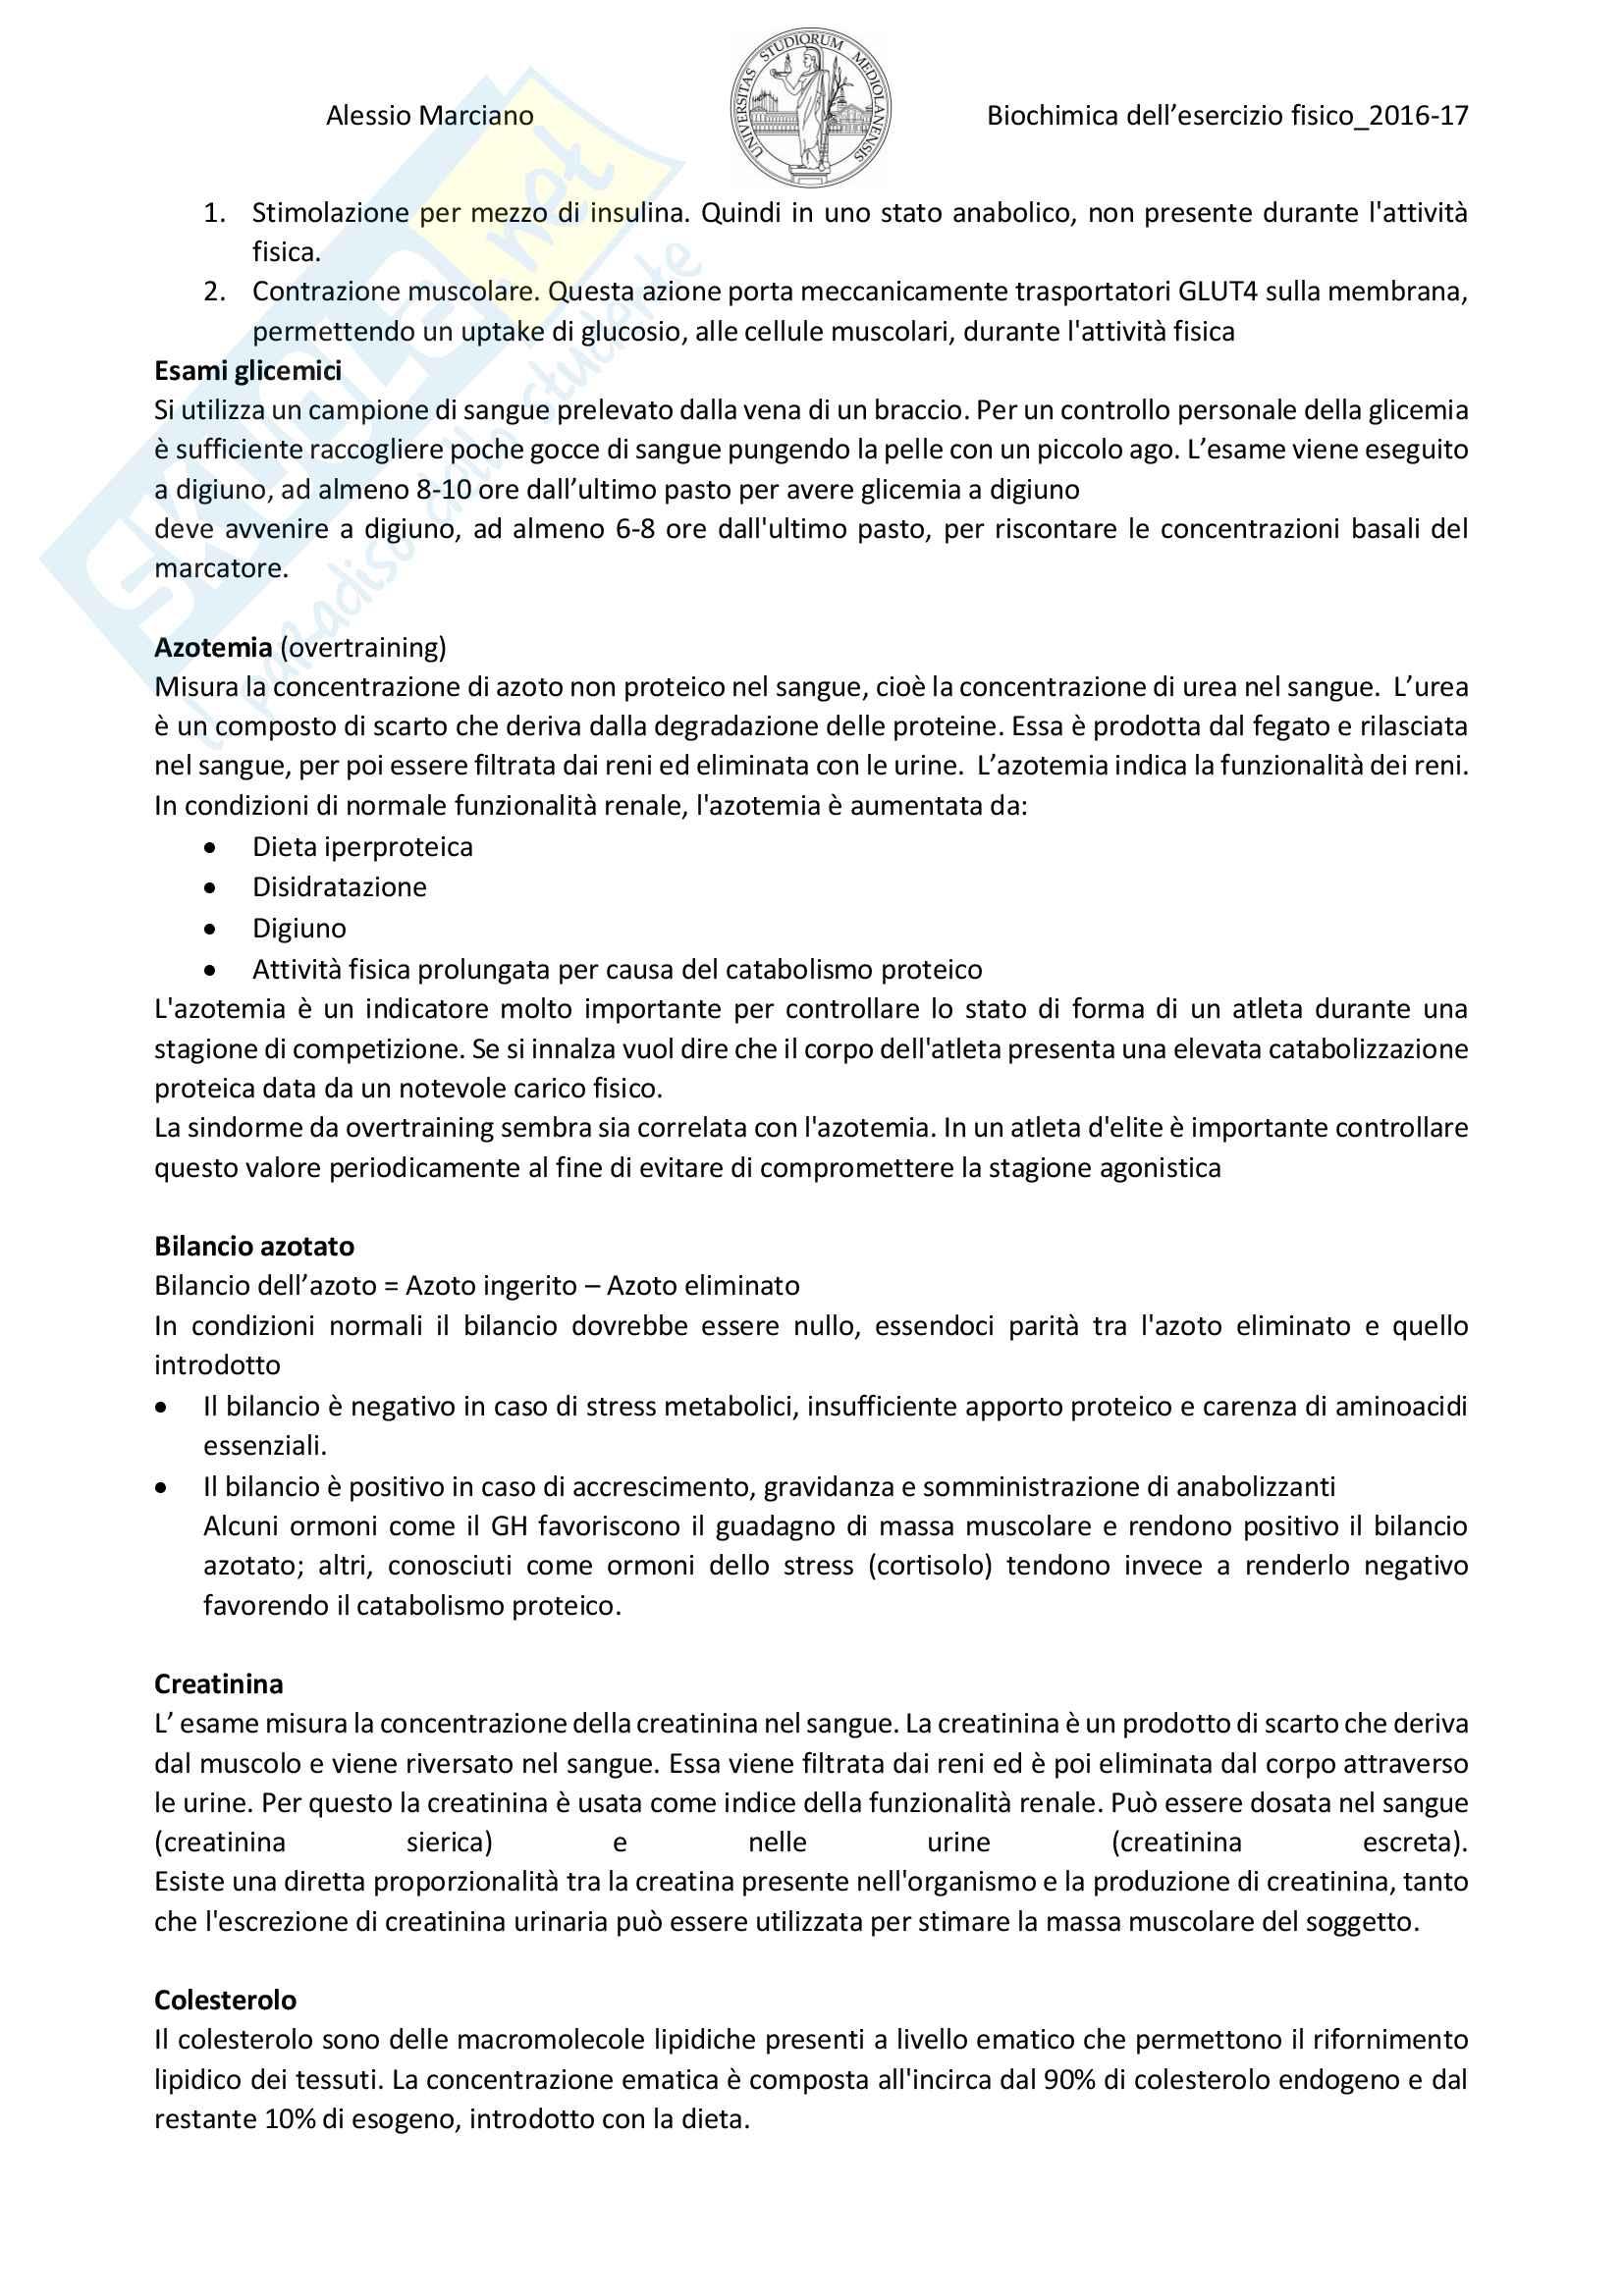 Biochimica clinica 2016/17 Pag. 6